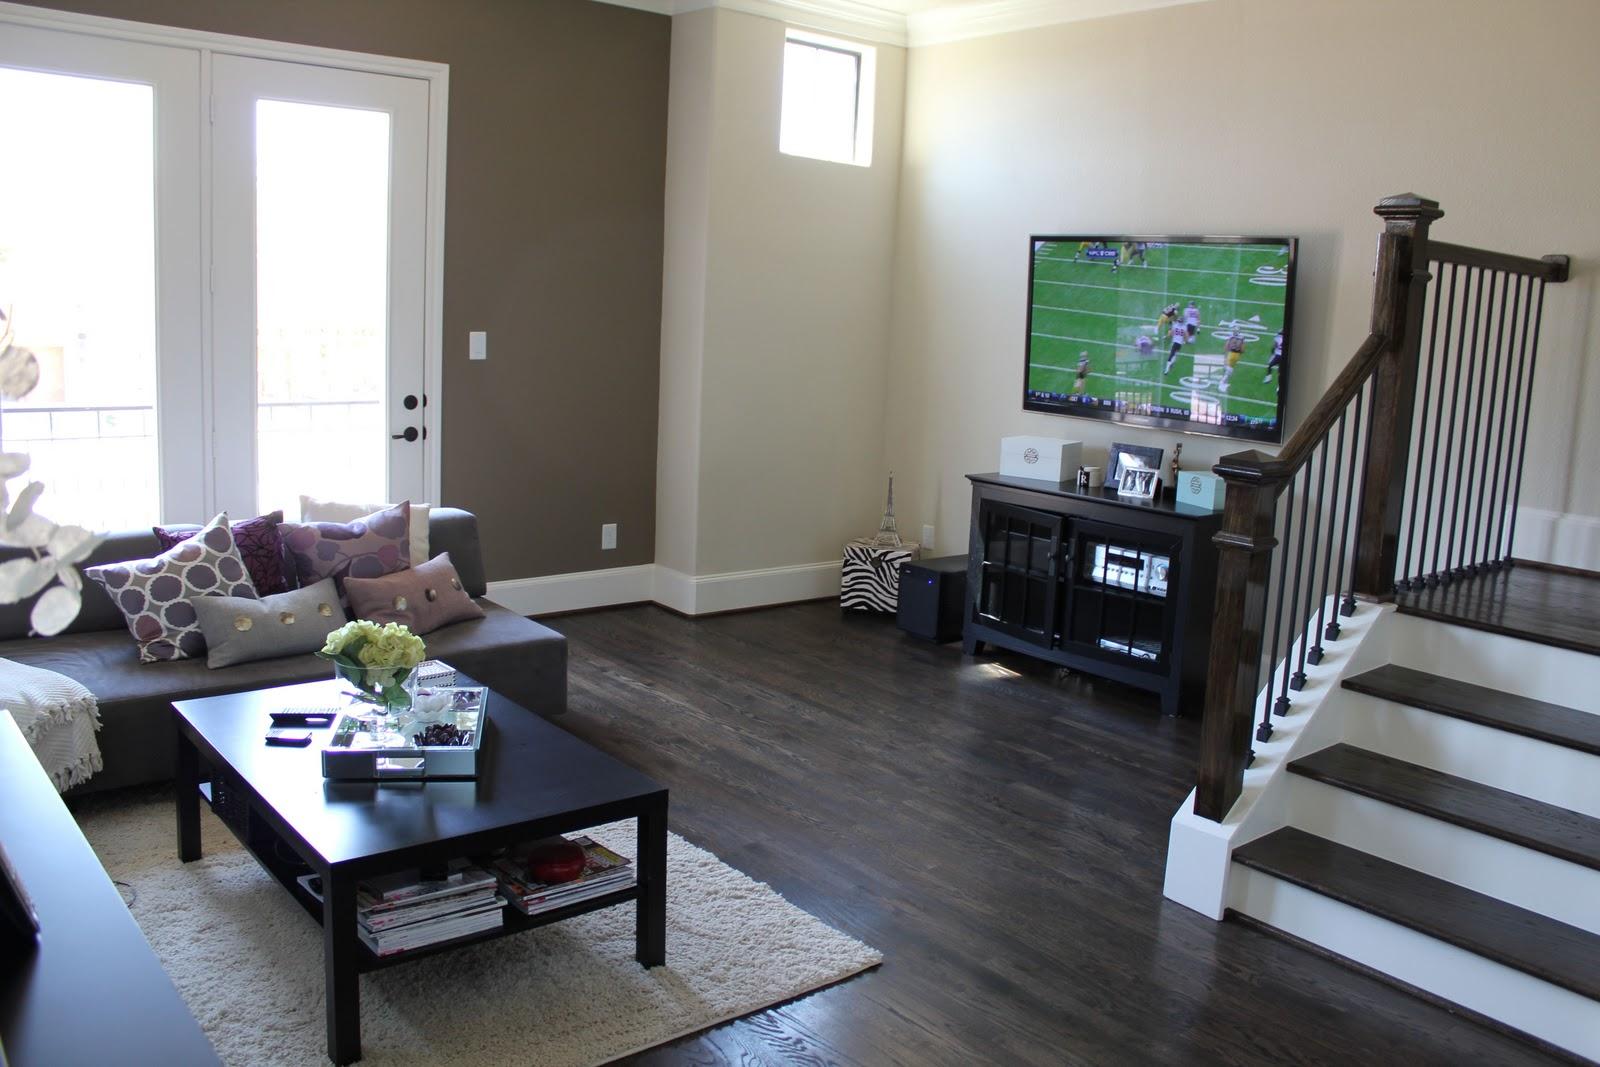 veronika 39 s blushing home tour updates w furniture decor